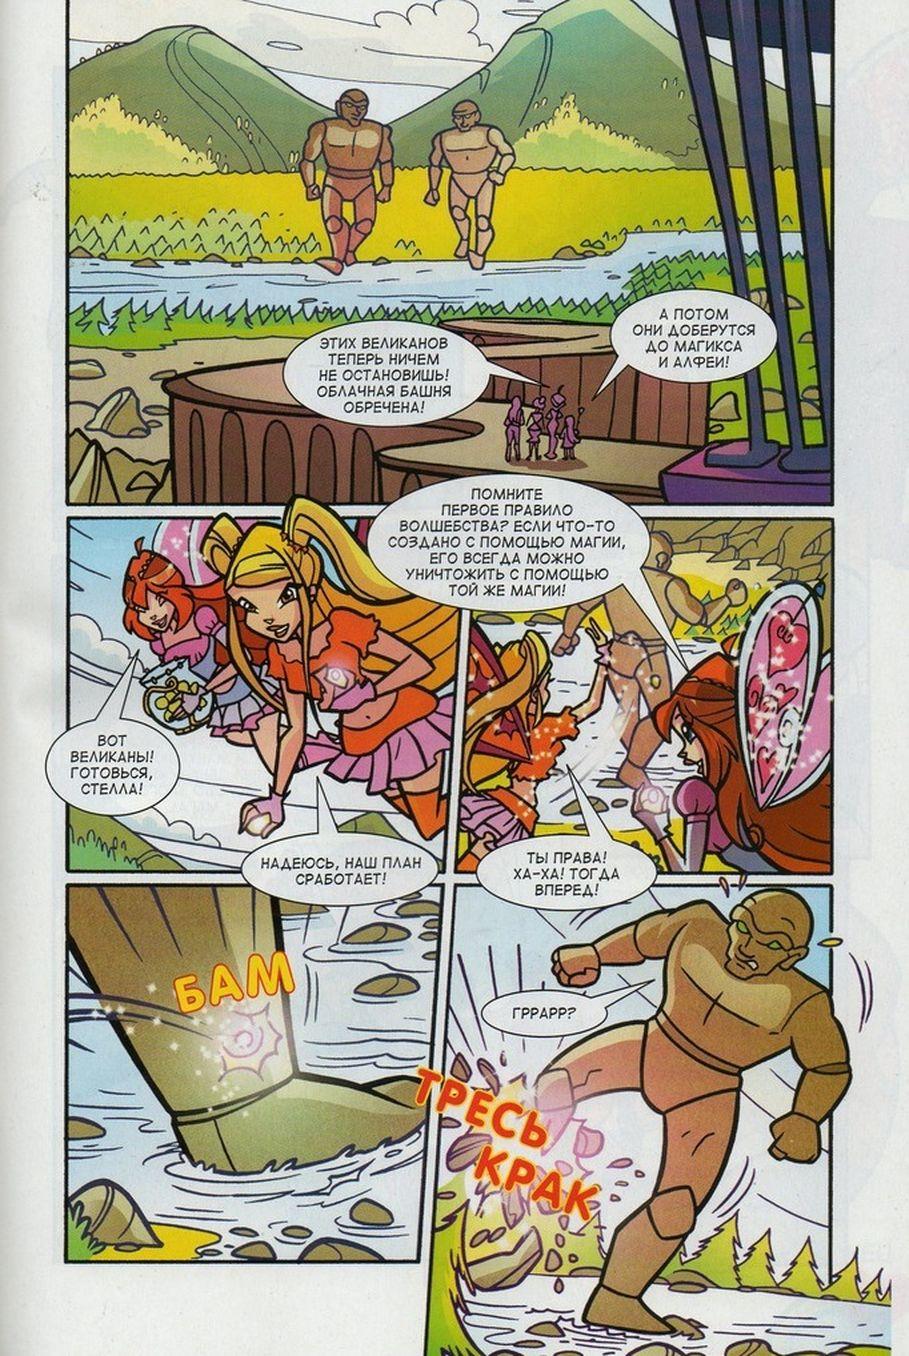 Комикс Винкс Winx - Каменные великаны (Журнал Винкс №11 2011) - стр. 48